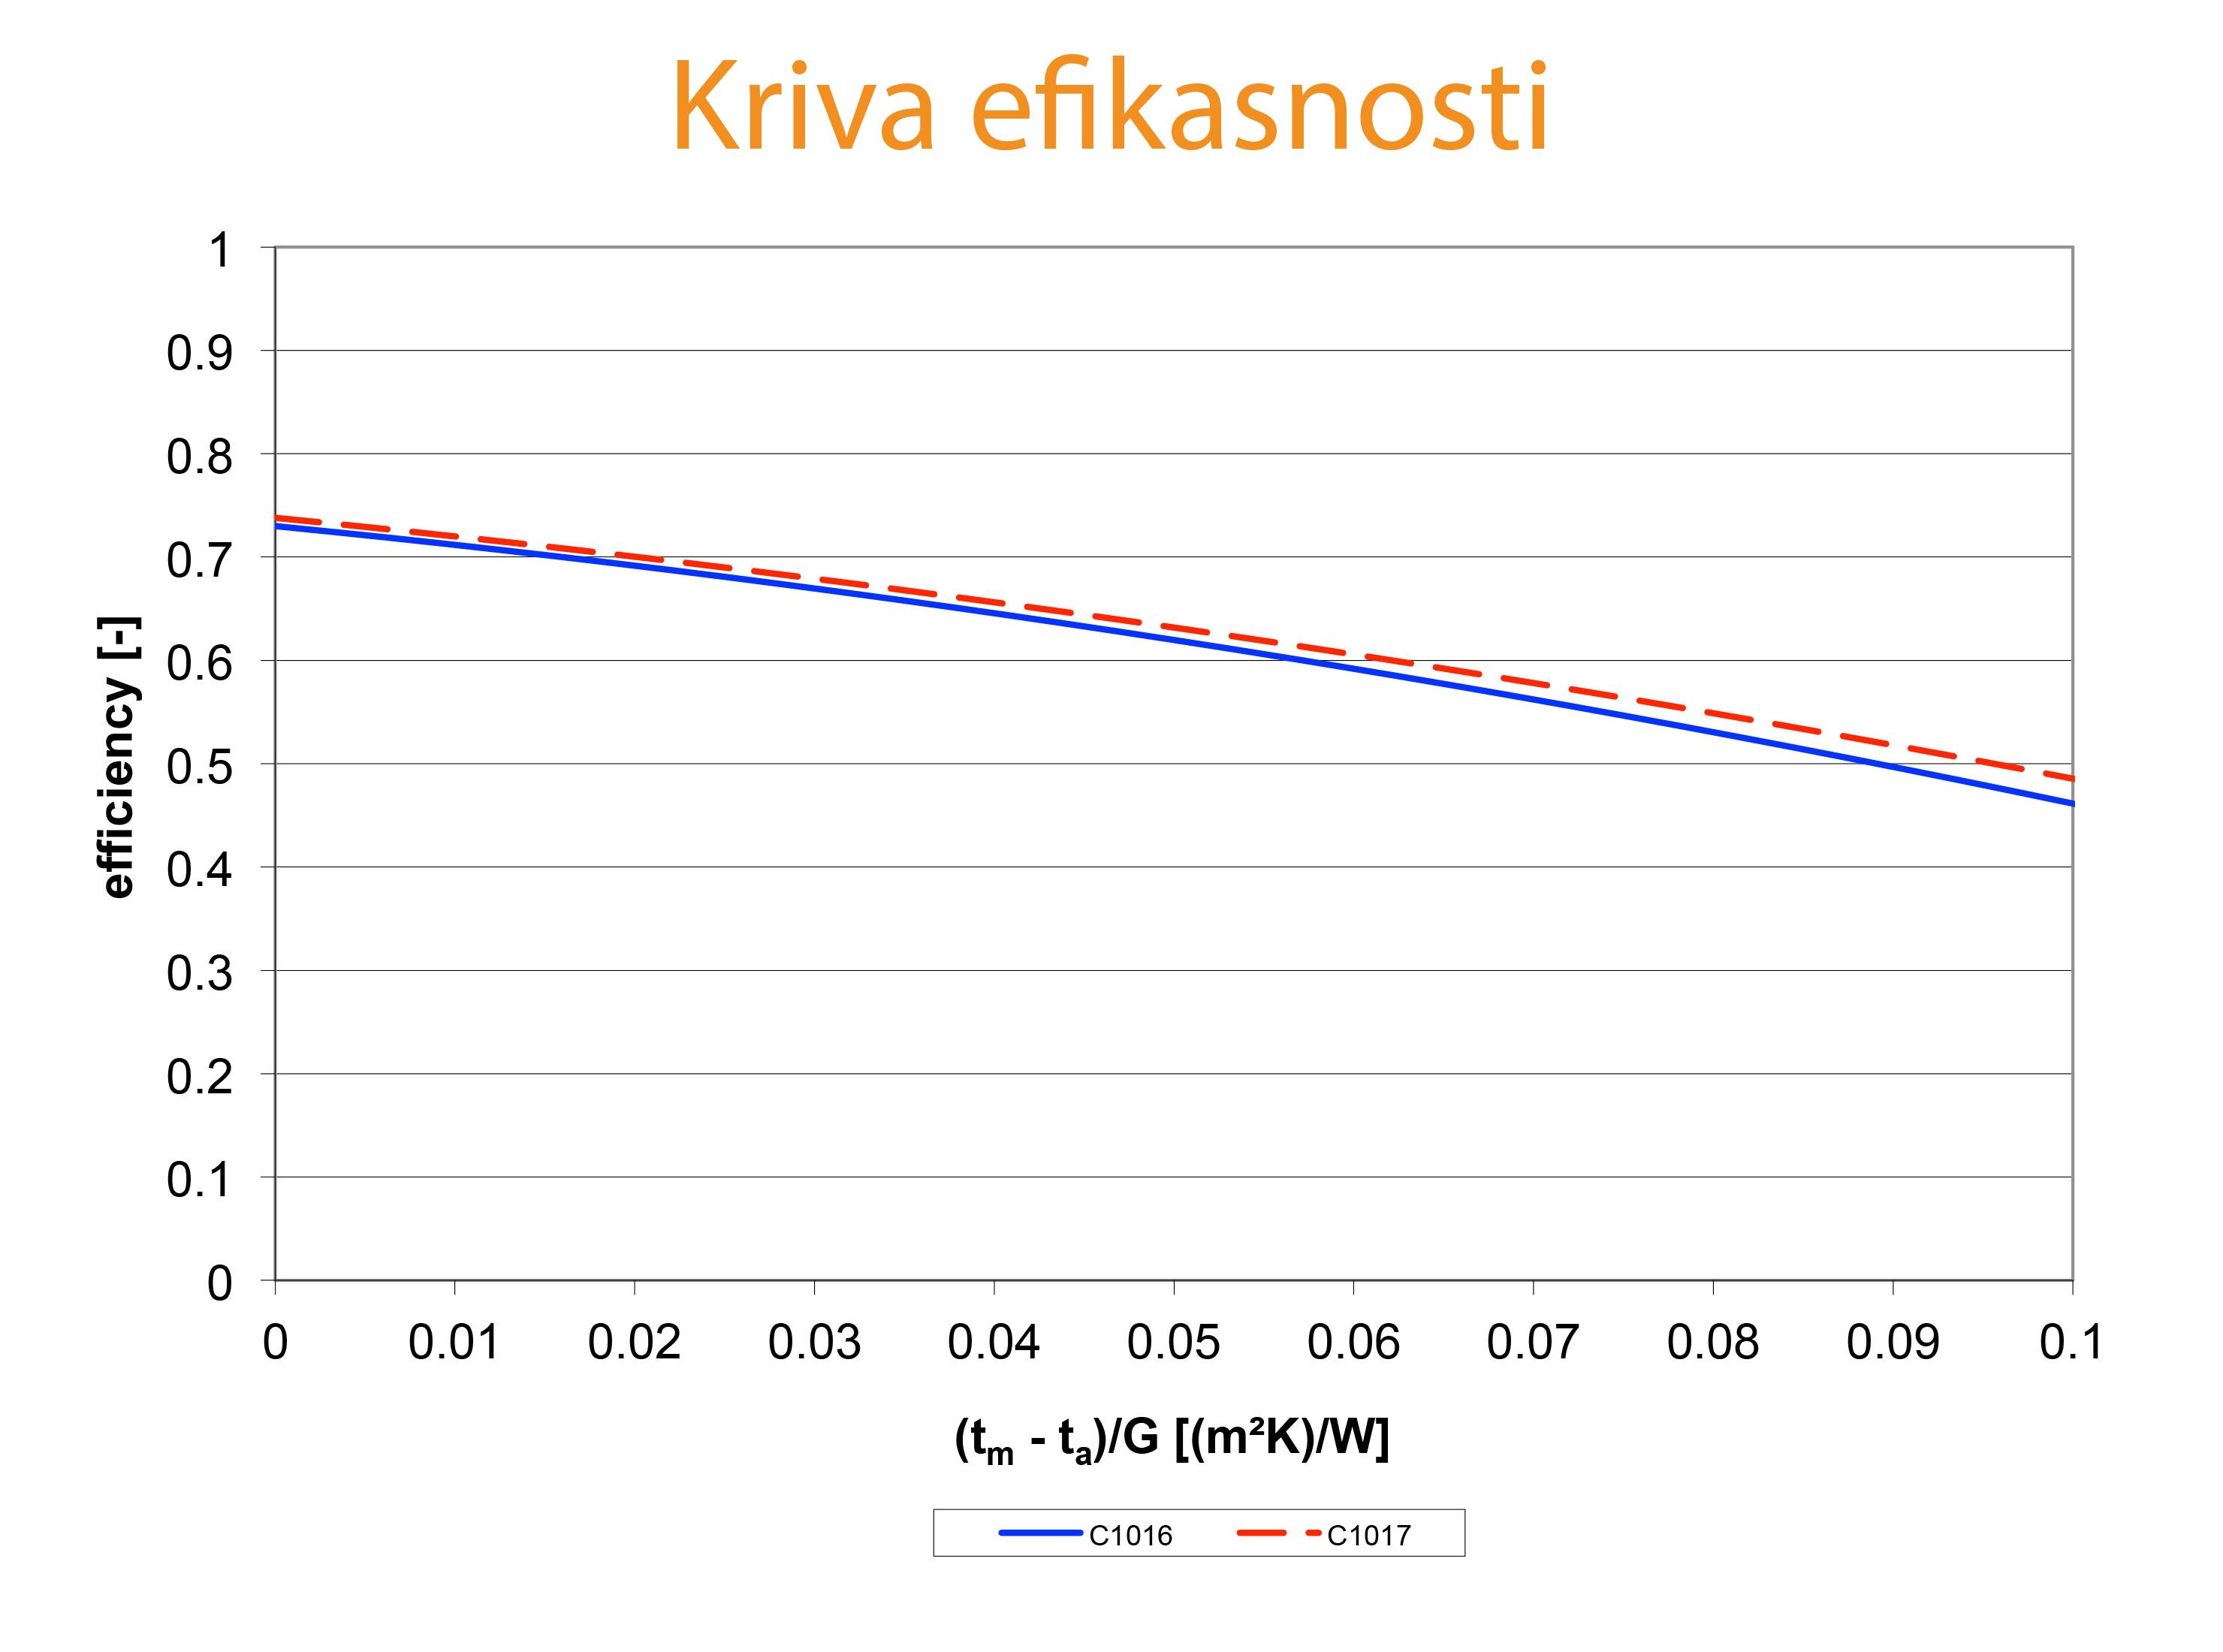 Kriva-efikasnostie-vac0-site solarni kolektori